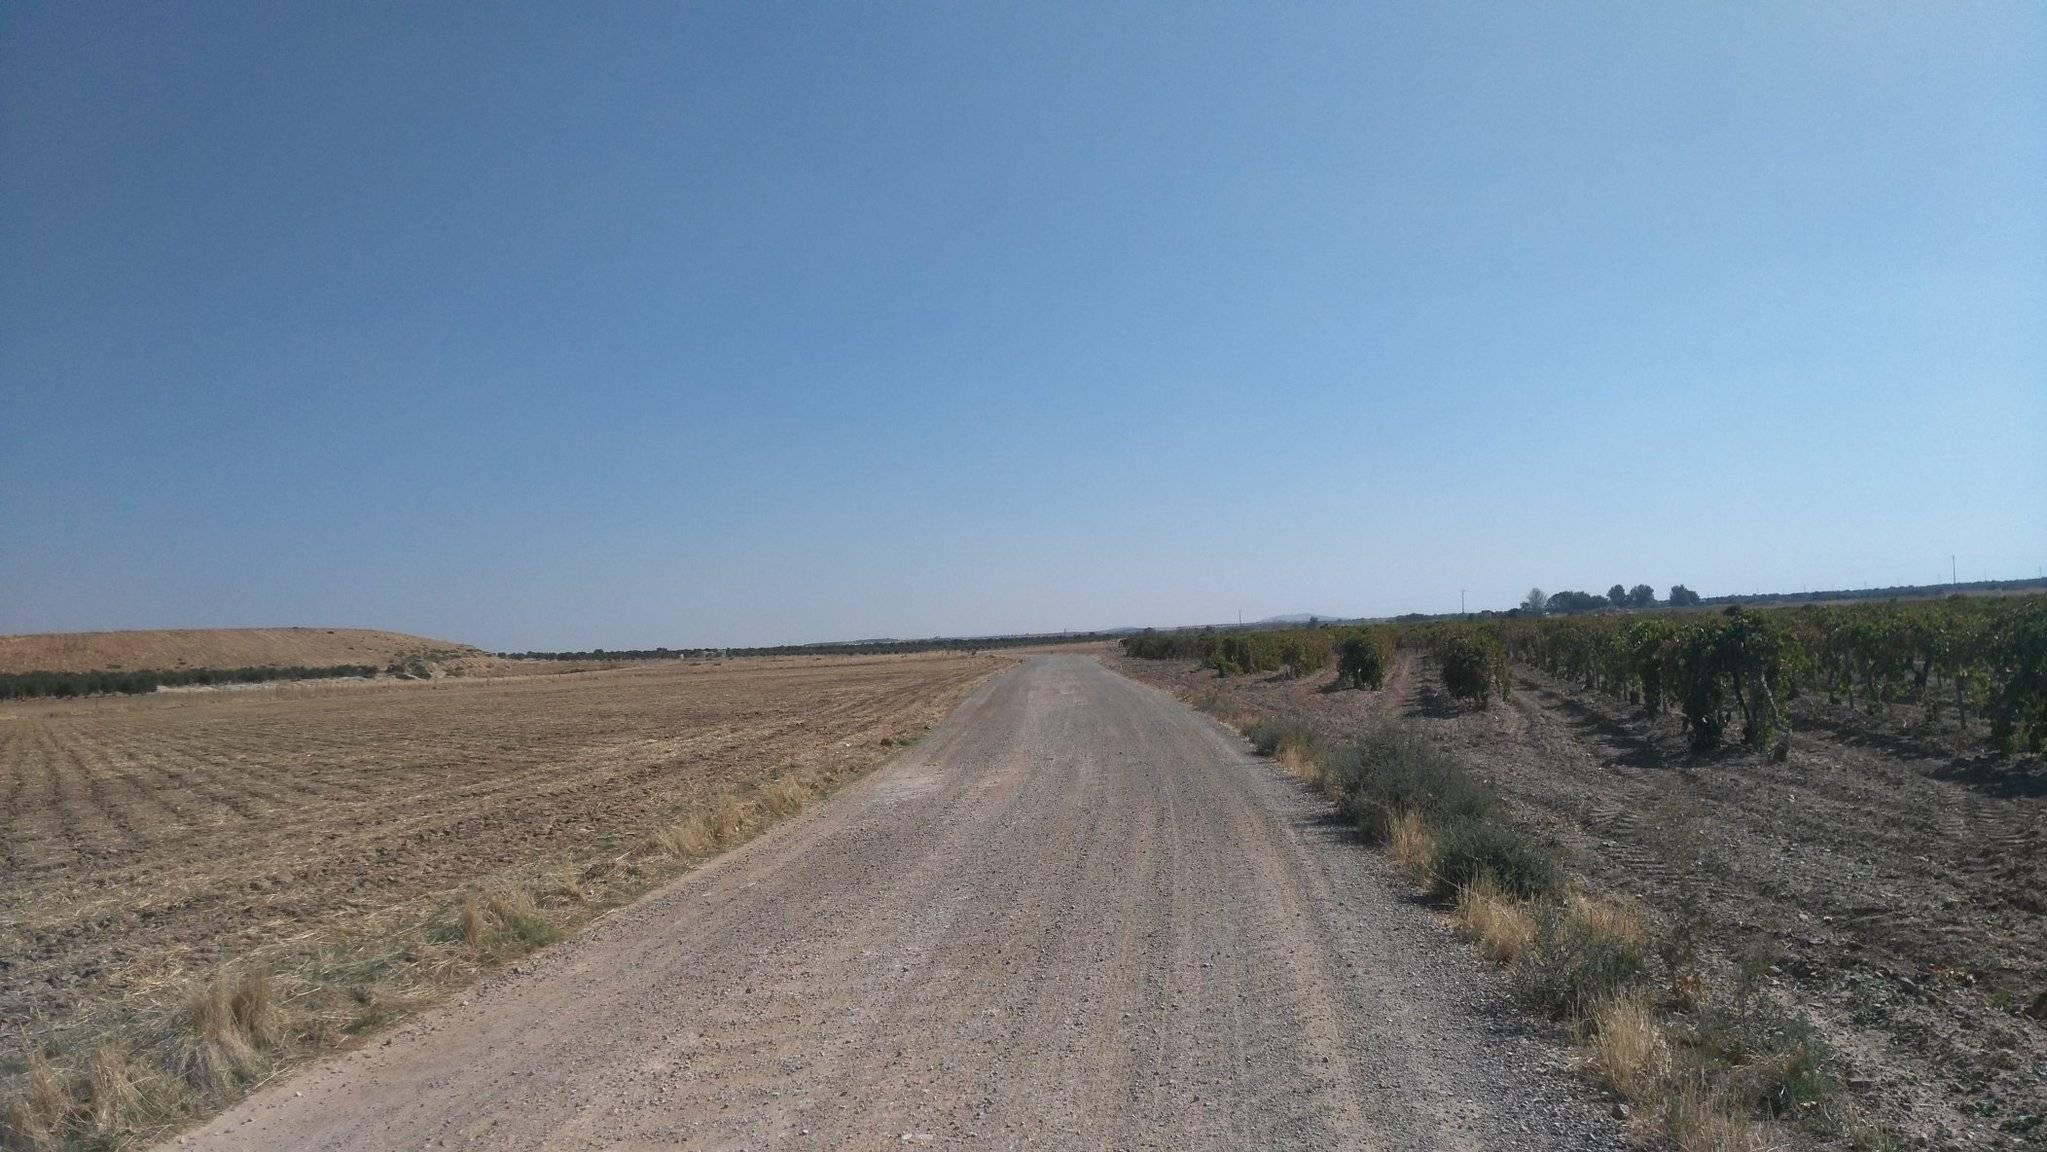 caminos de herencia ciudad real 1 - Próximos caminos rurales que serán arreglados en Herencia